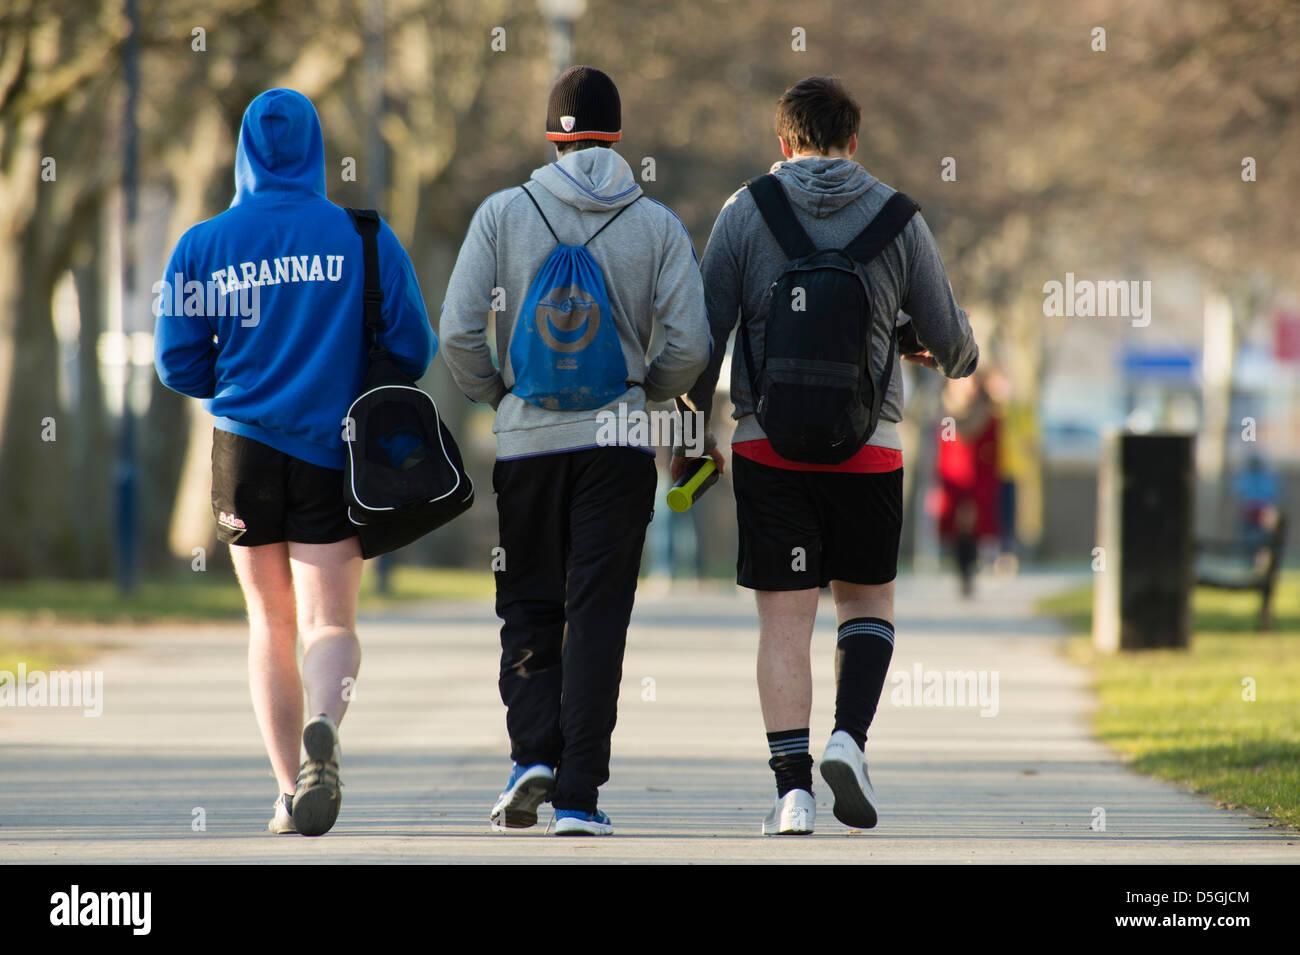 Vista posteriore di tre giovani uomini con il kit sacchetti sulle loro spalle a piedi o da una formazione sportiva Immagini Stock